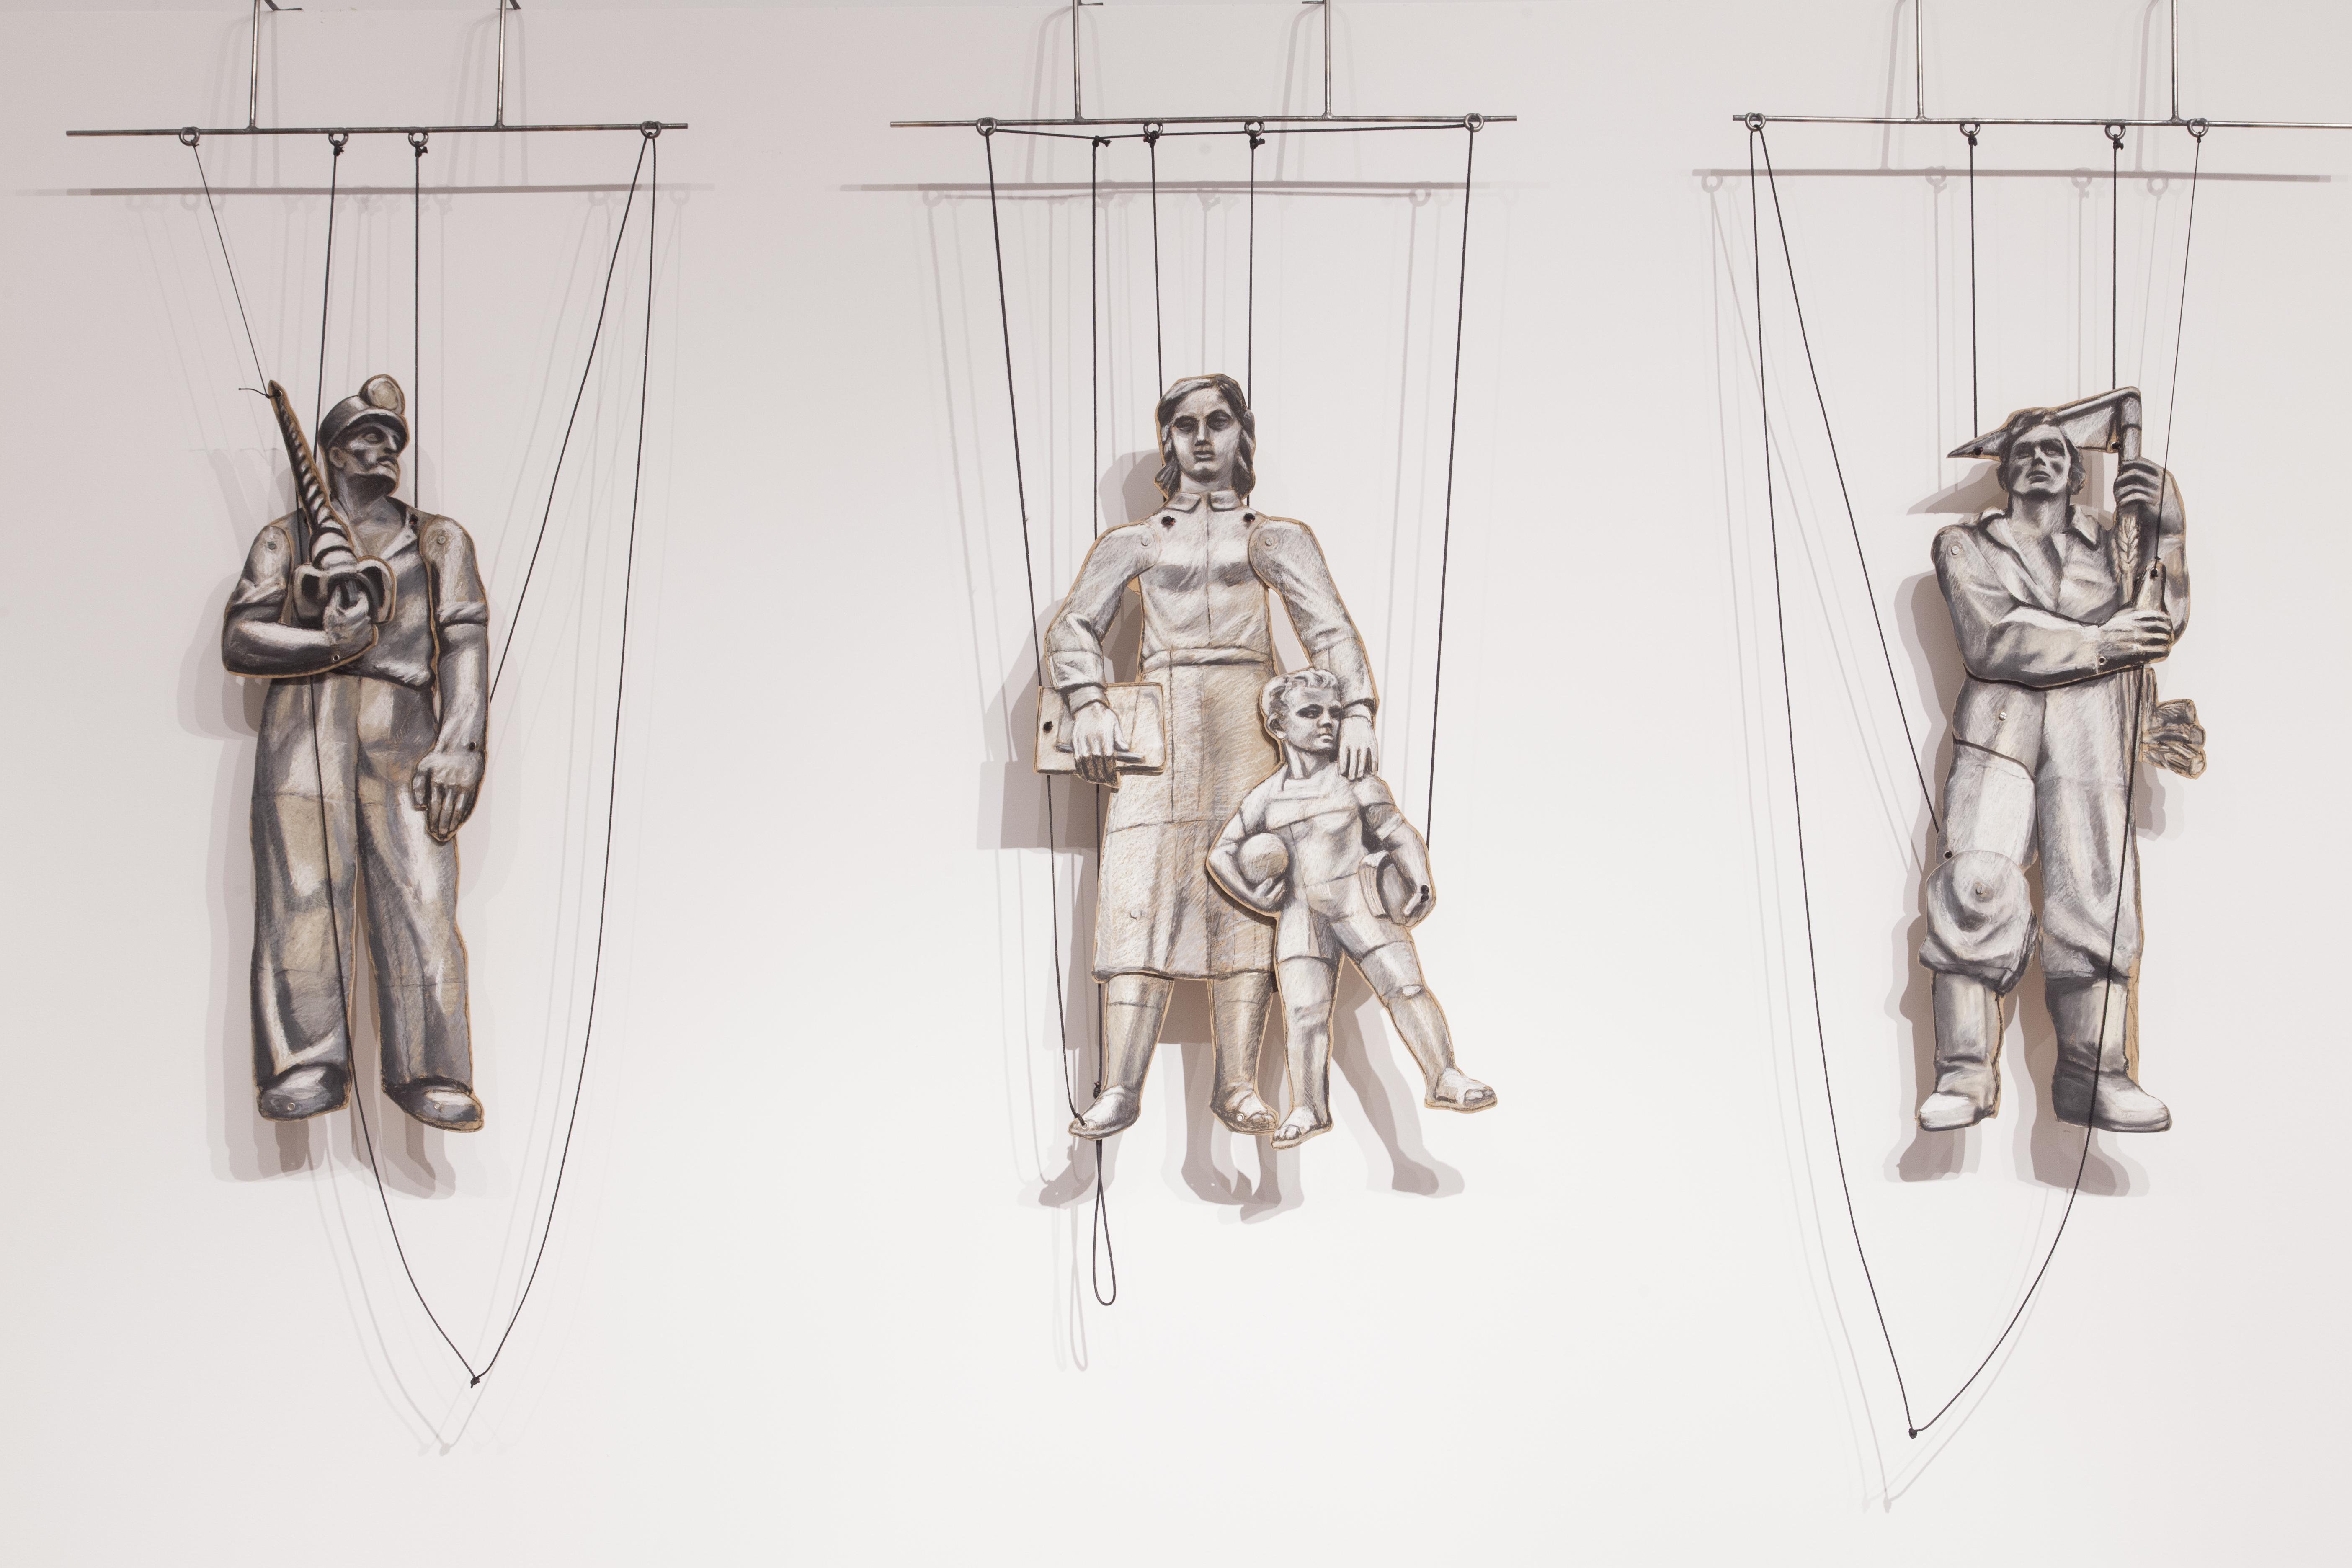 Figury retoryczne. Warszawska rzeźba architektoniczna 1918-1970, widok wystawy